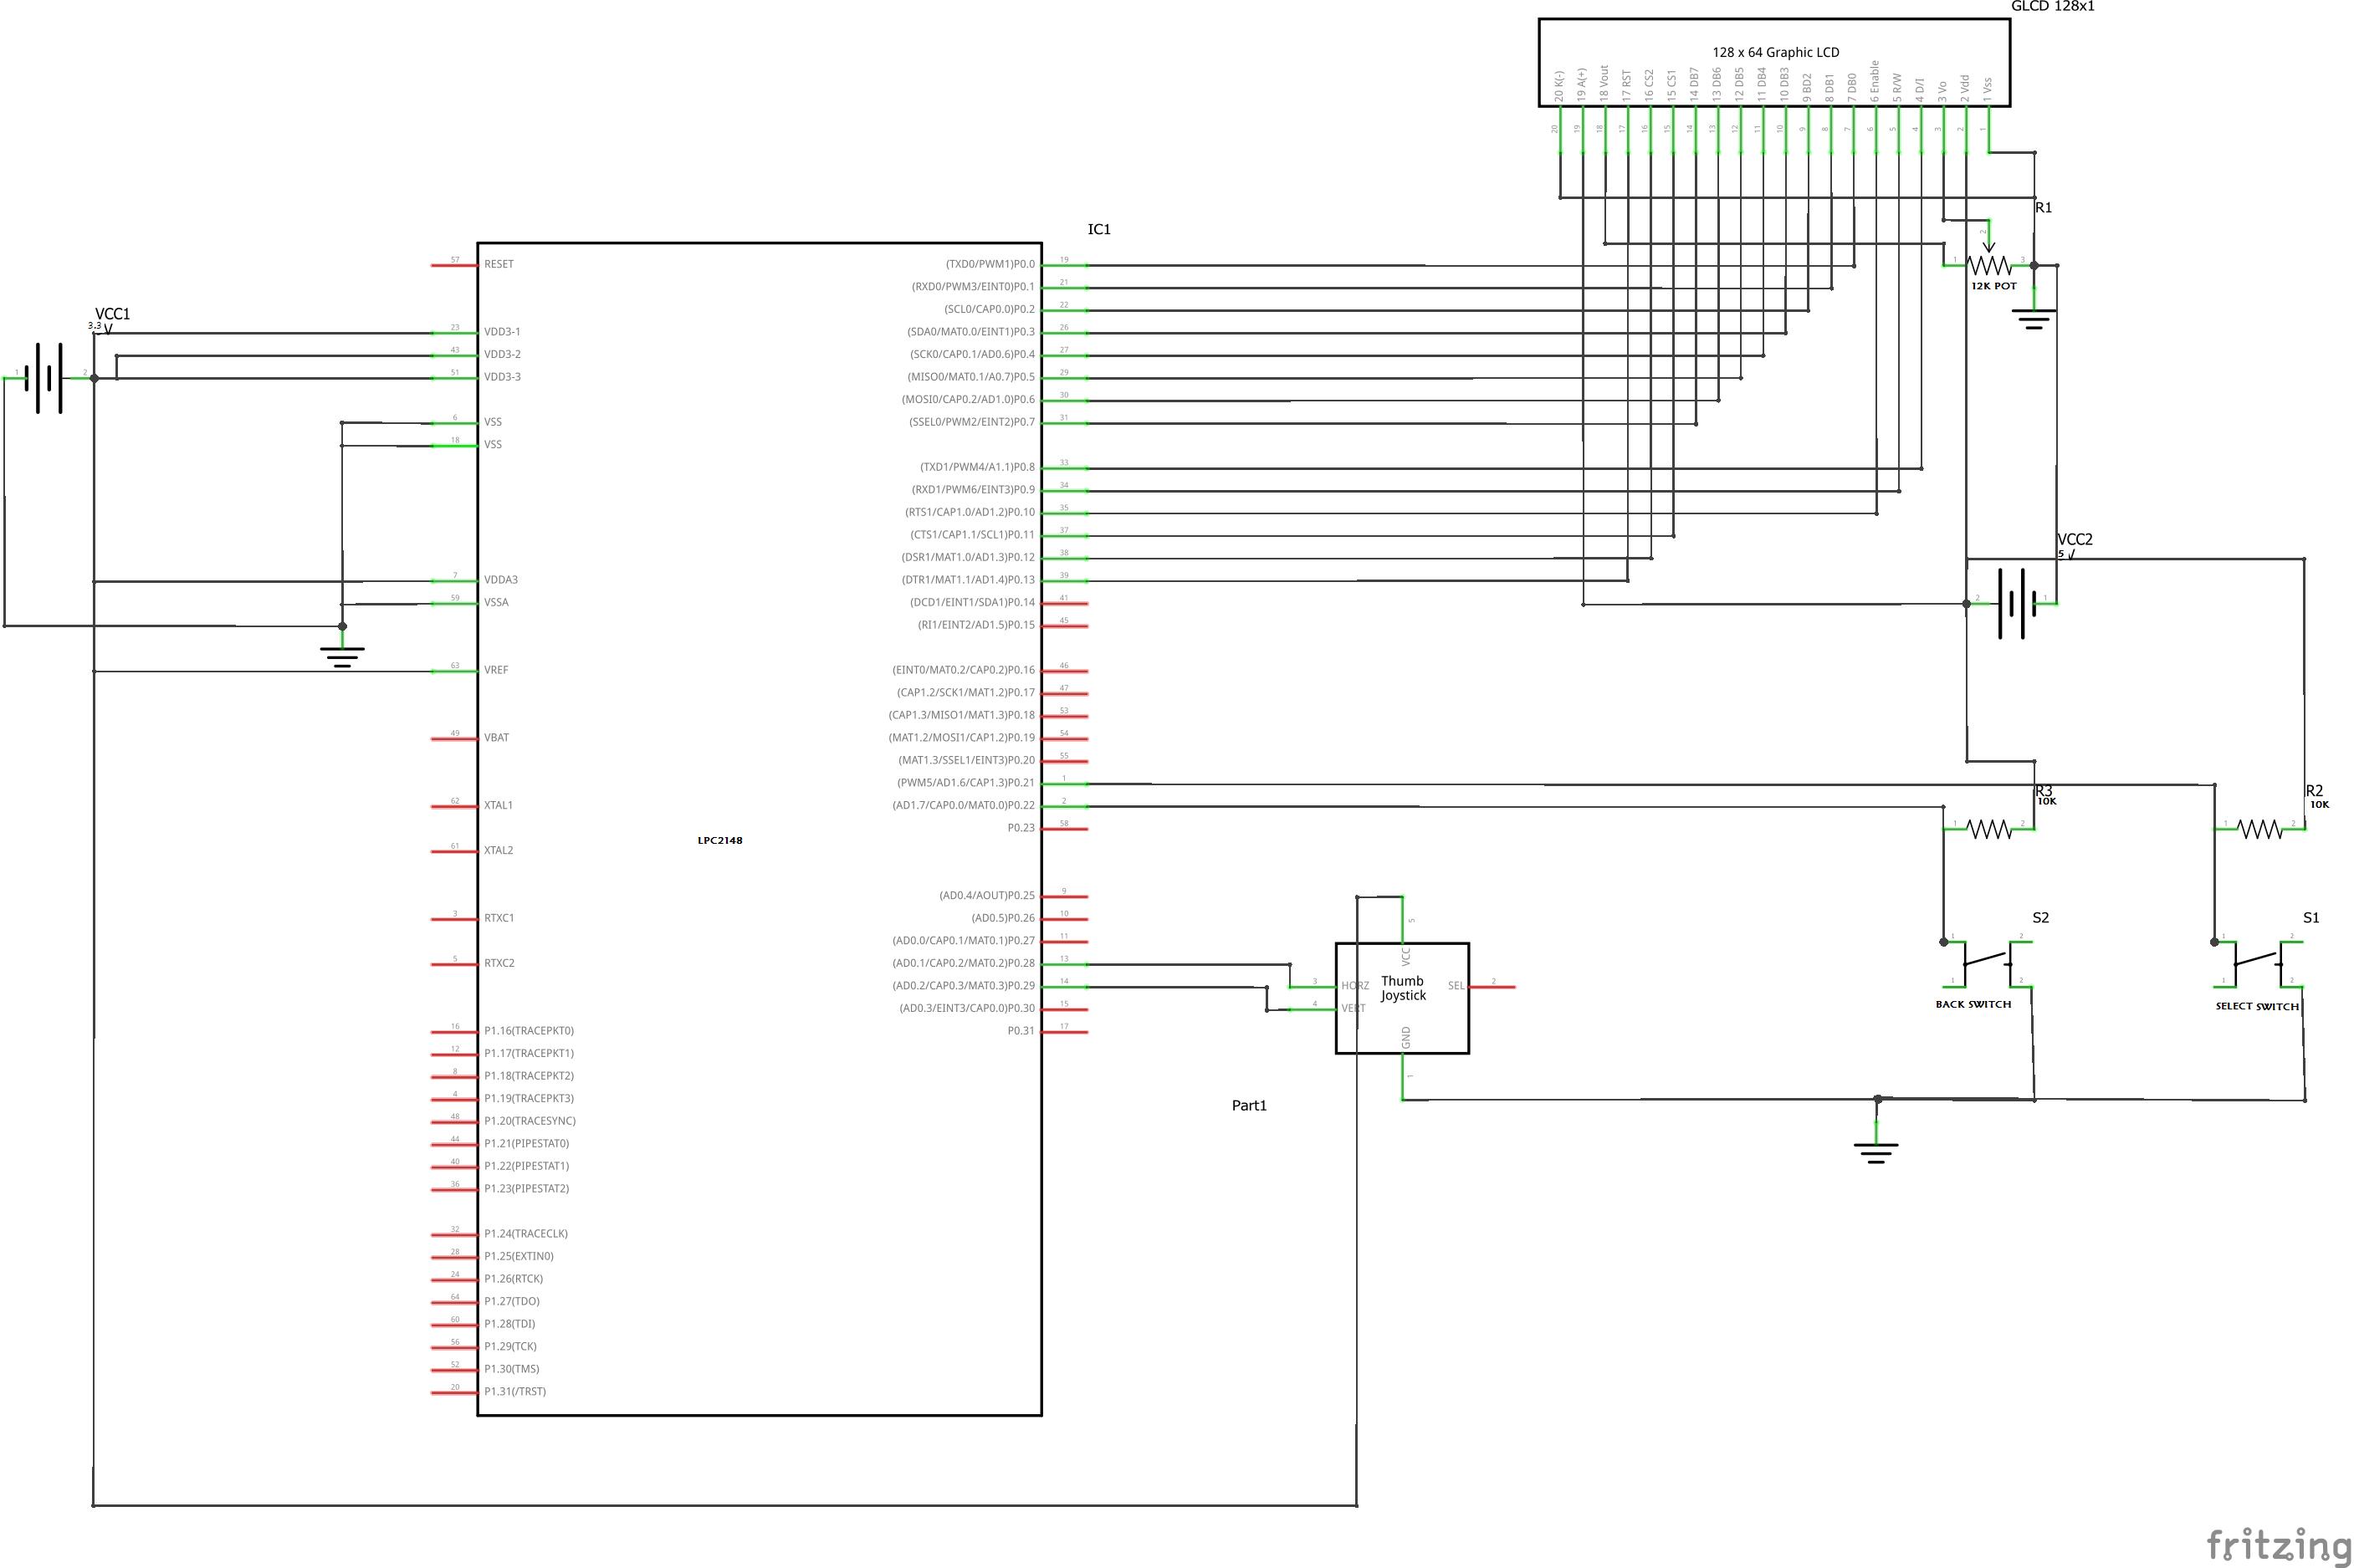 rts1 wiring diagram